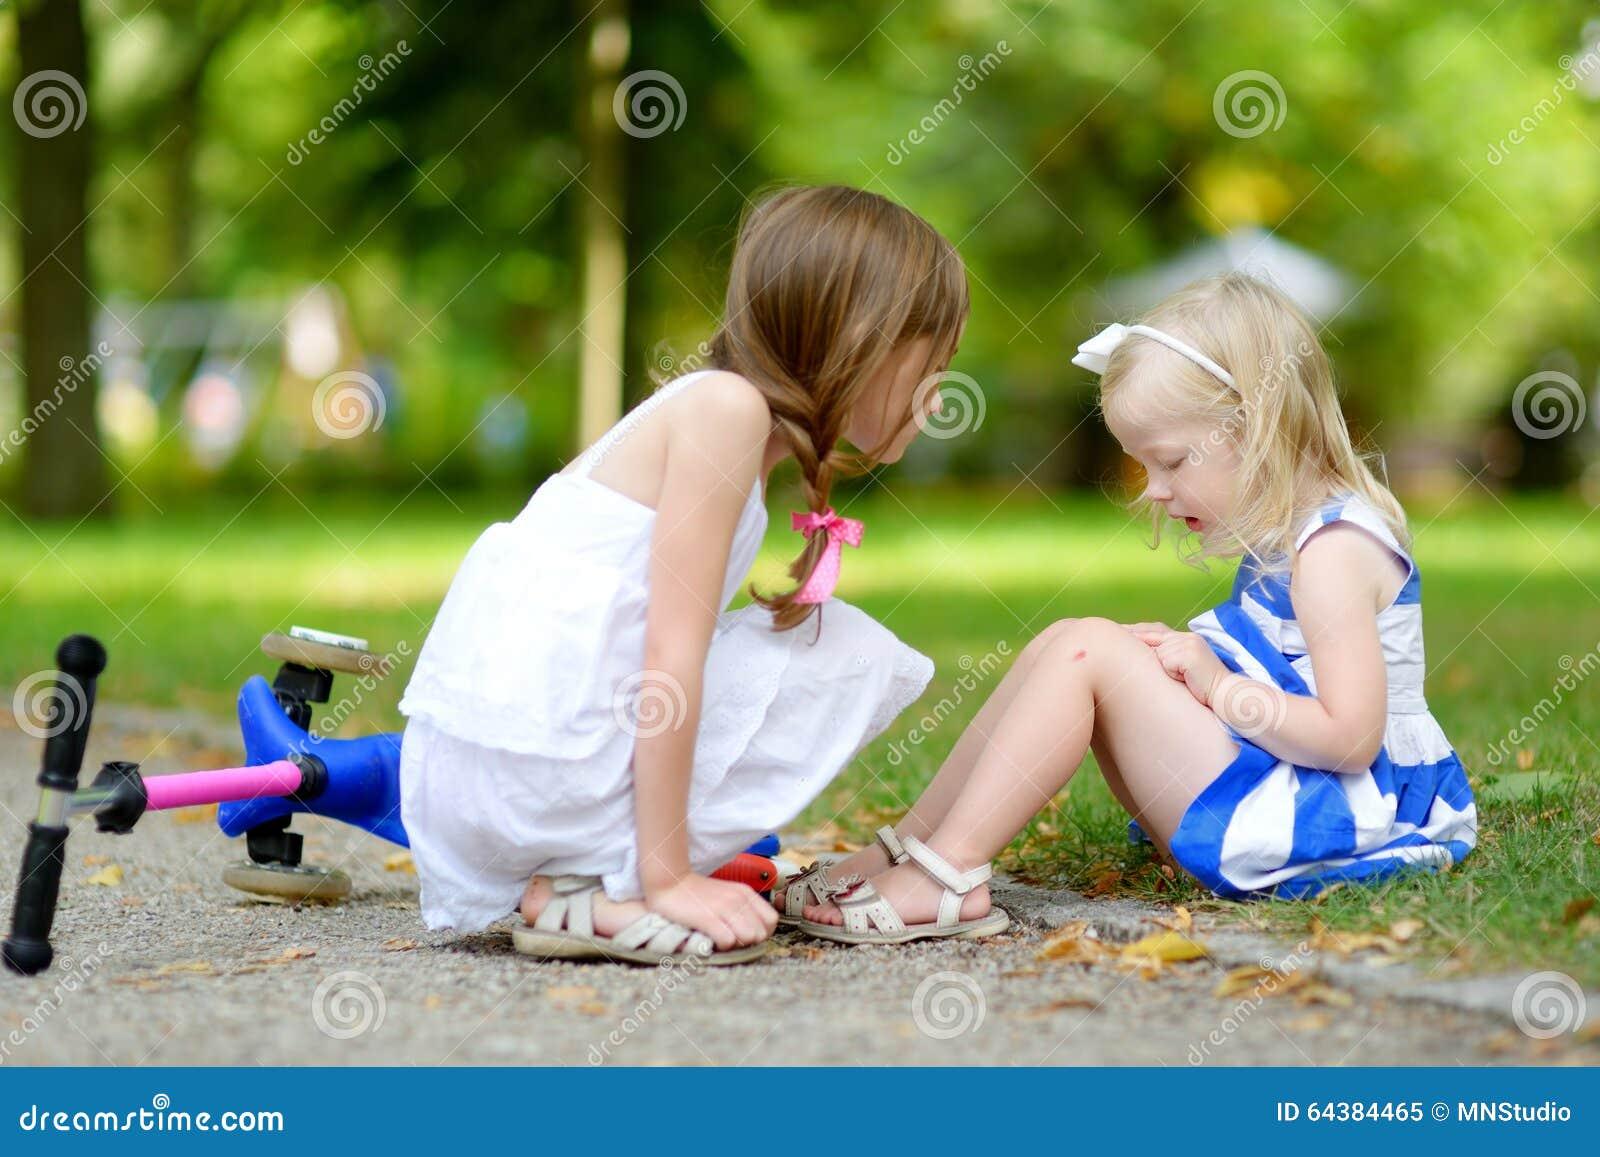 girl shows sister her dildo